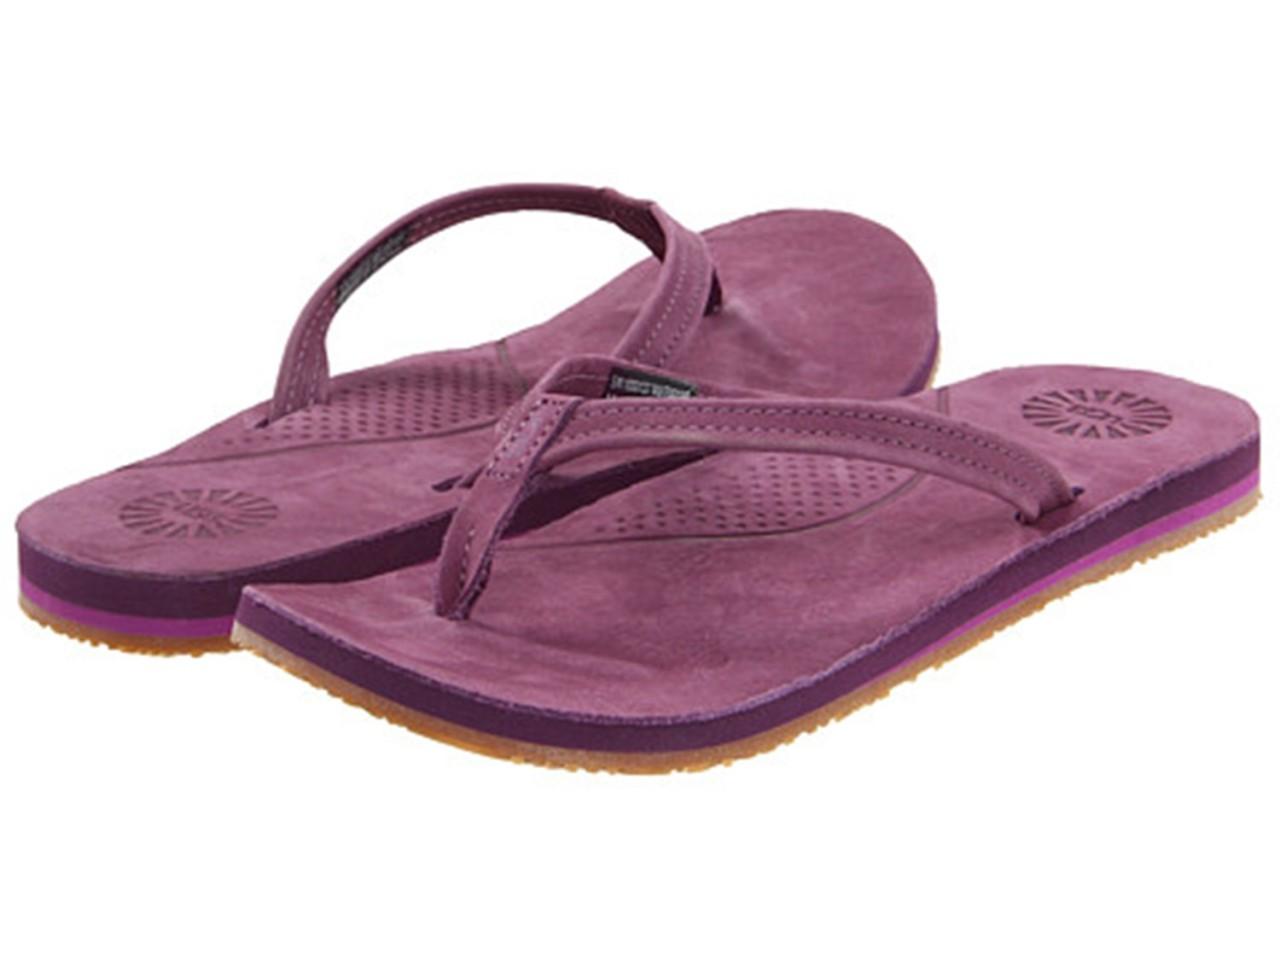 leather ugg flip flops